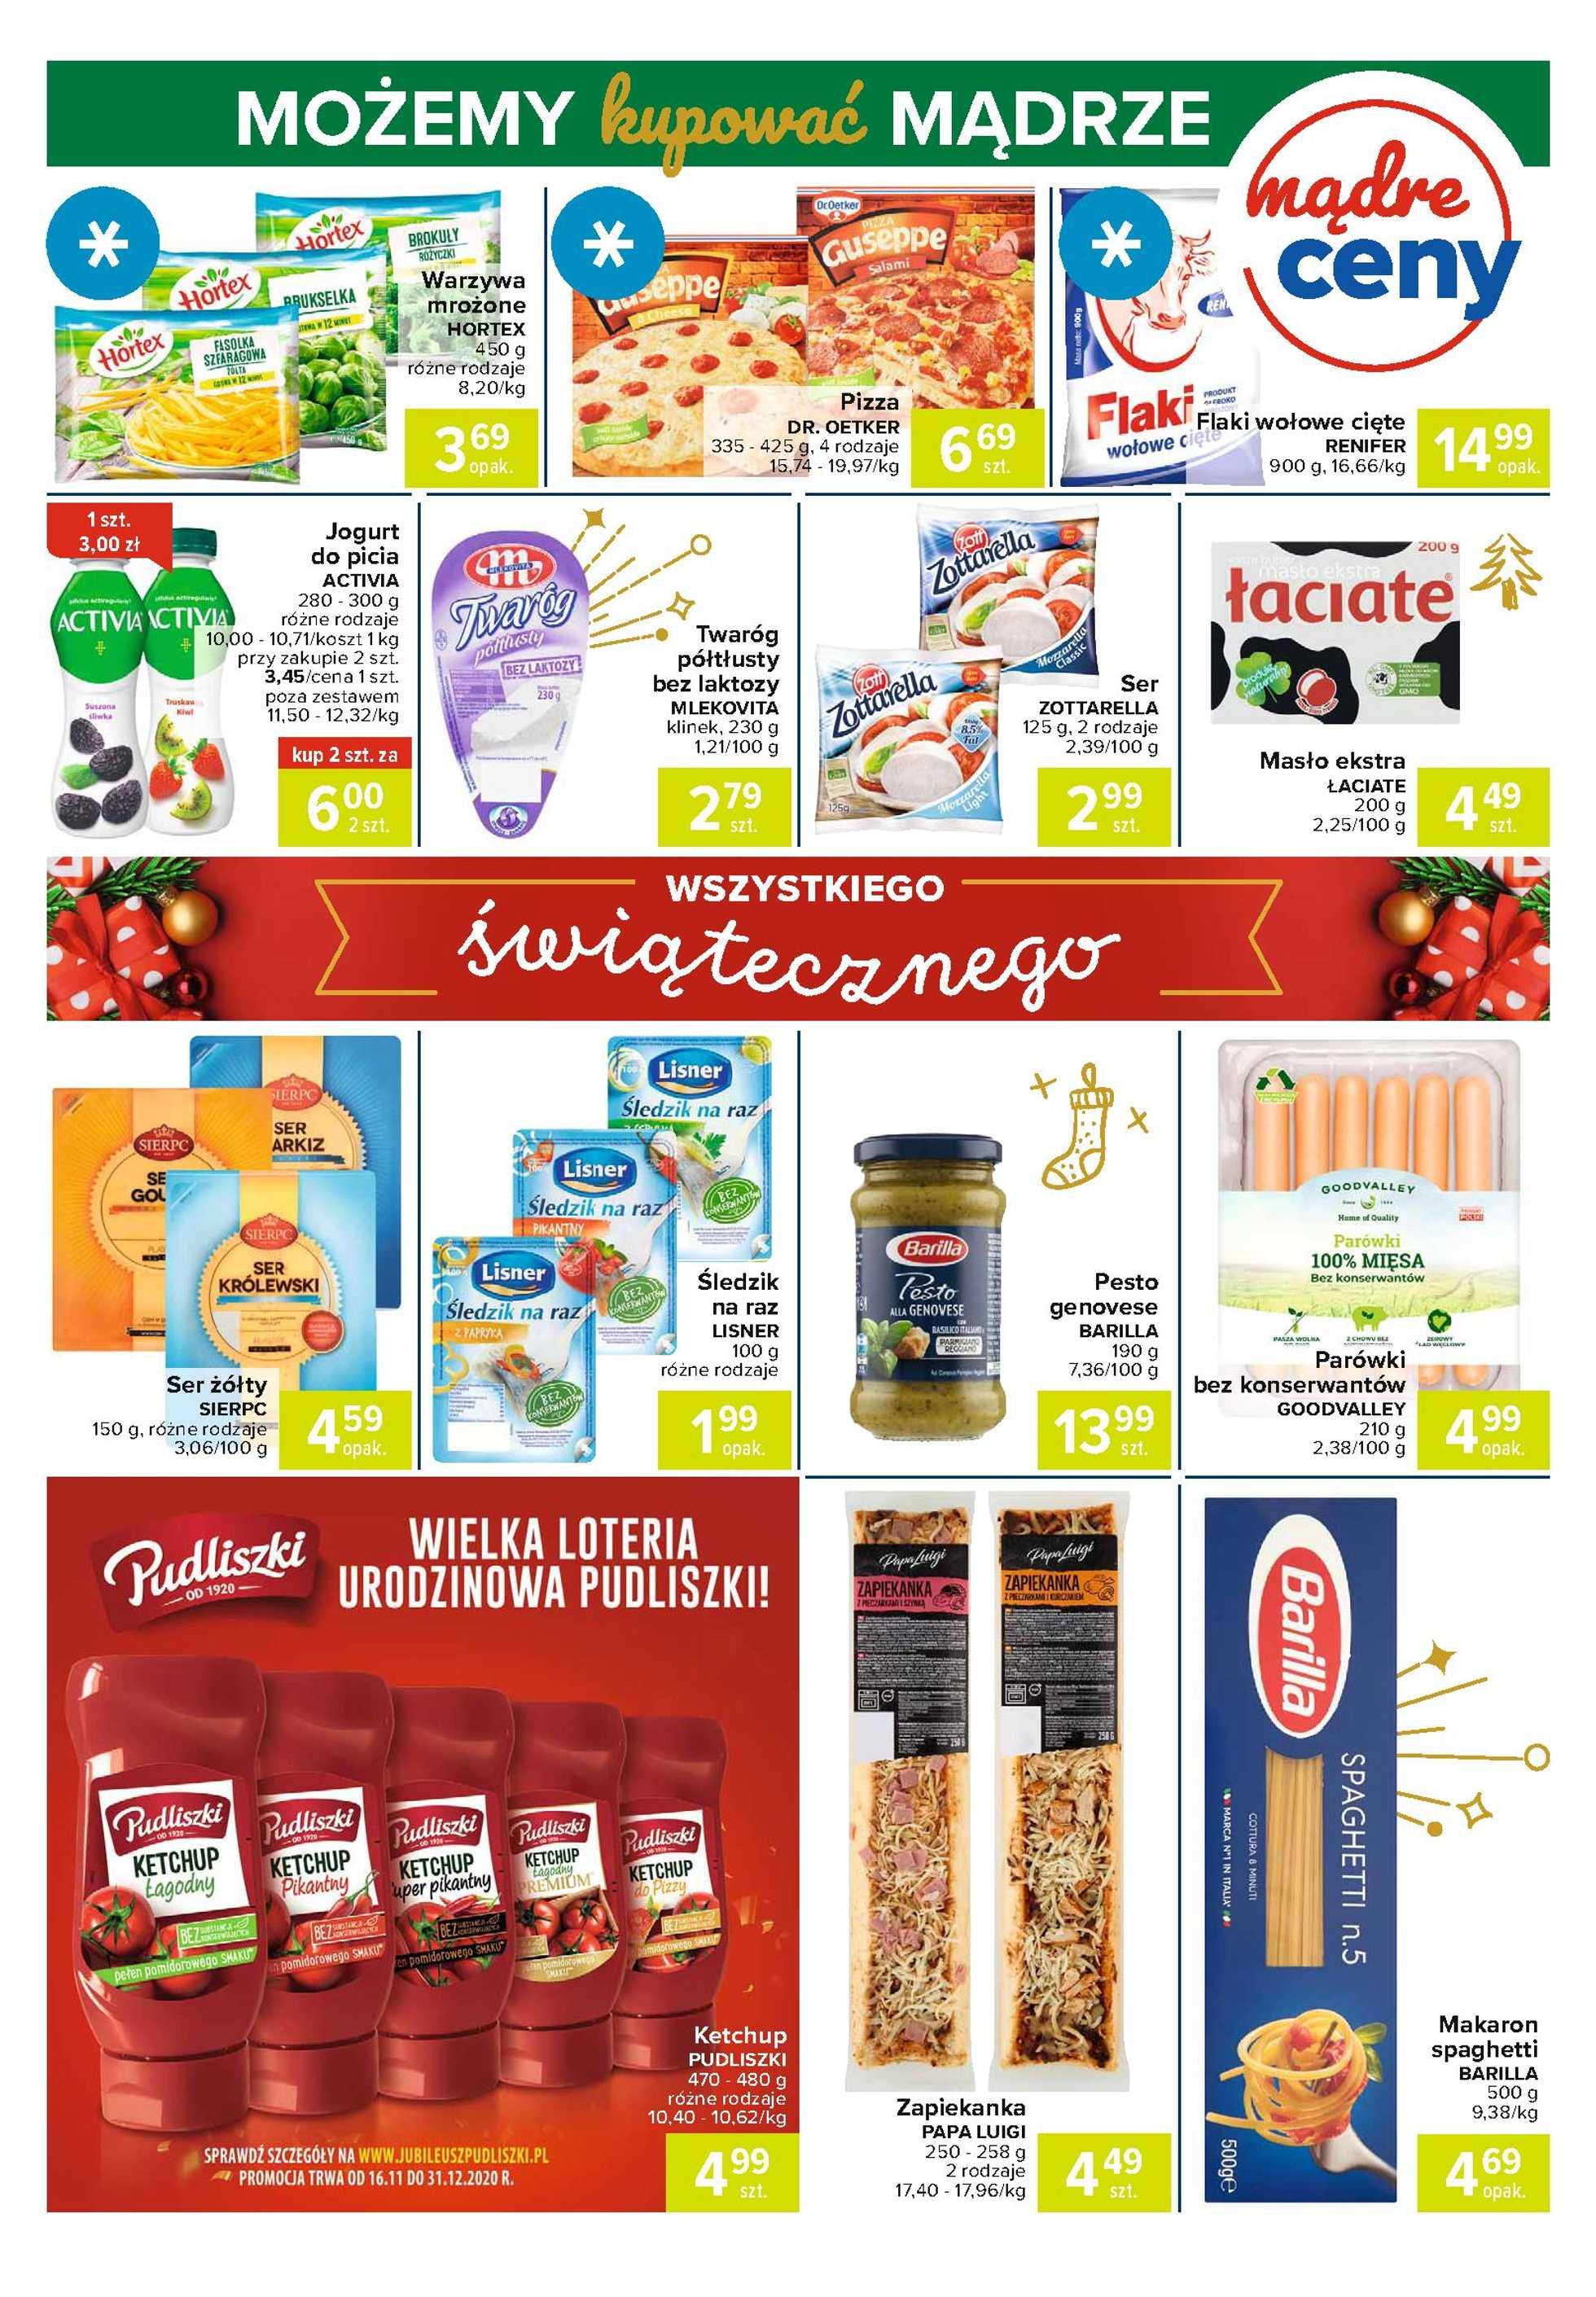 Carrefour Express - gazetka promocyjna ważna od 01.12.2020 do 07.12.2020 - strona 2.